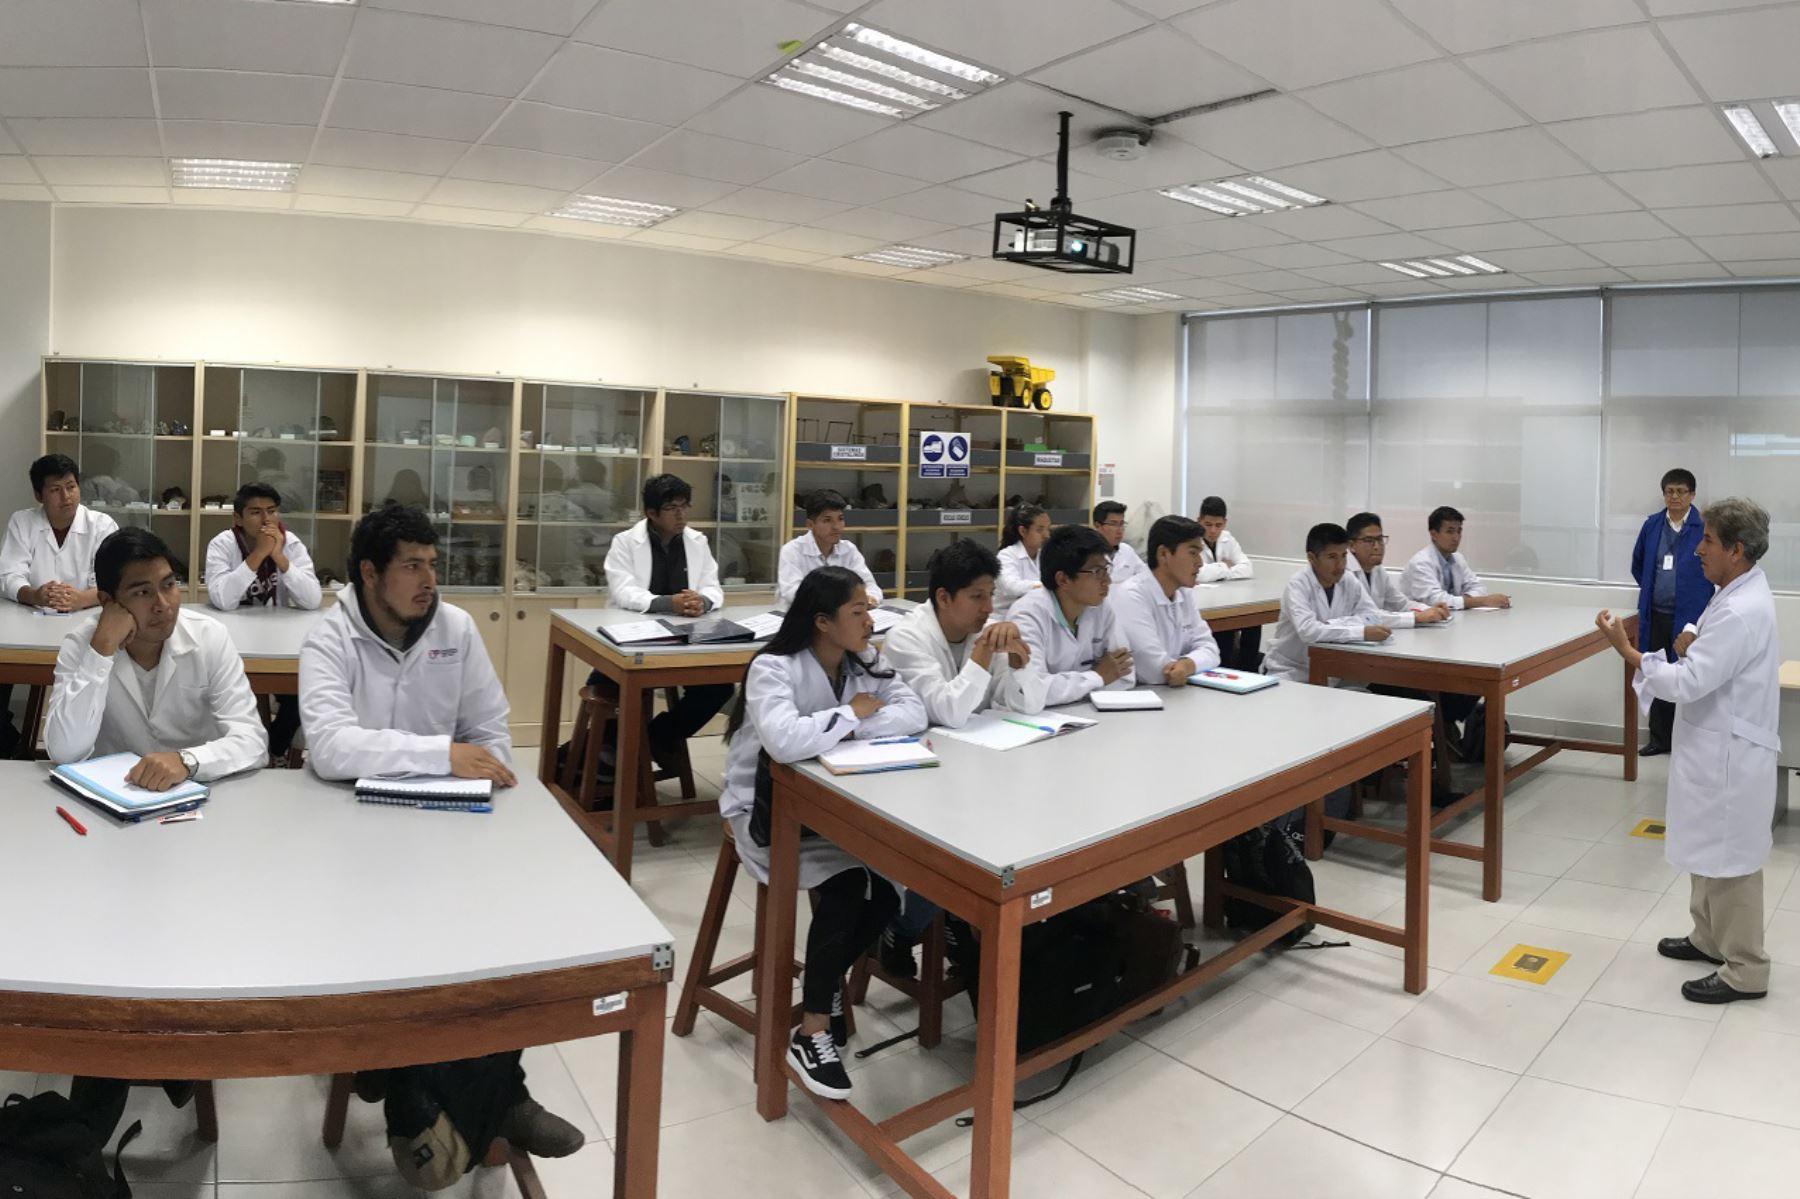 Todas las filiales de la Universidad UTP fueron supervisadas antes del inicio de la pandemia. Esa casa de estudios logró el licenciamiento en el año 2019.